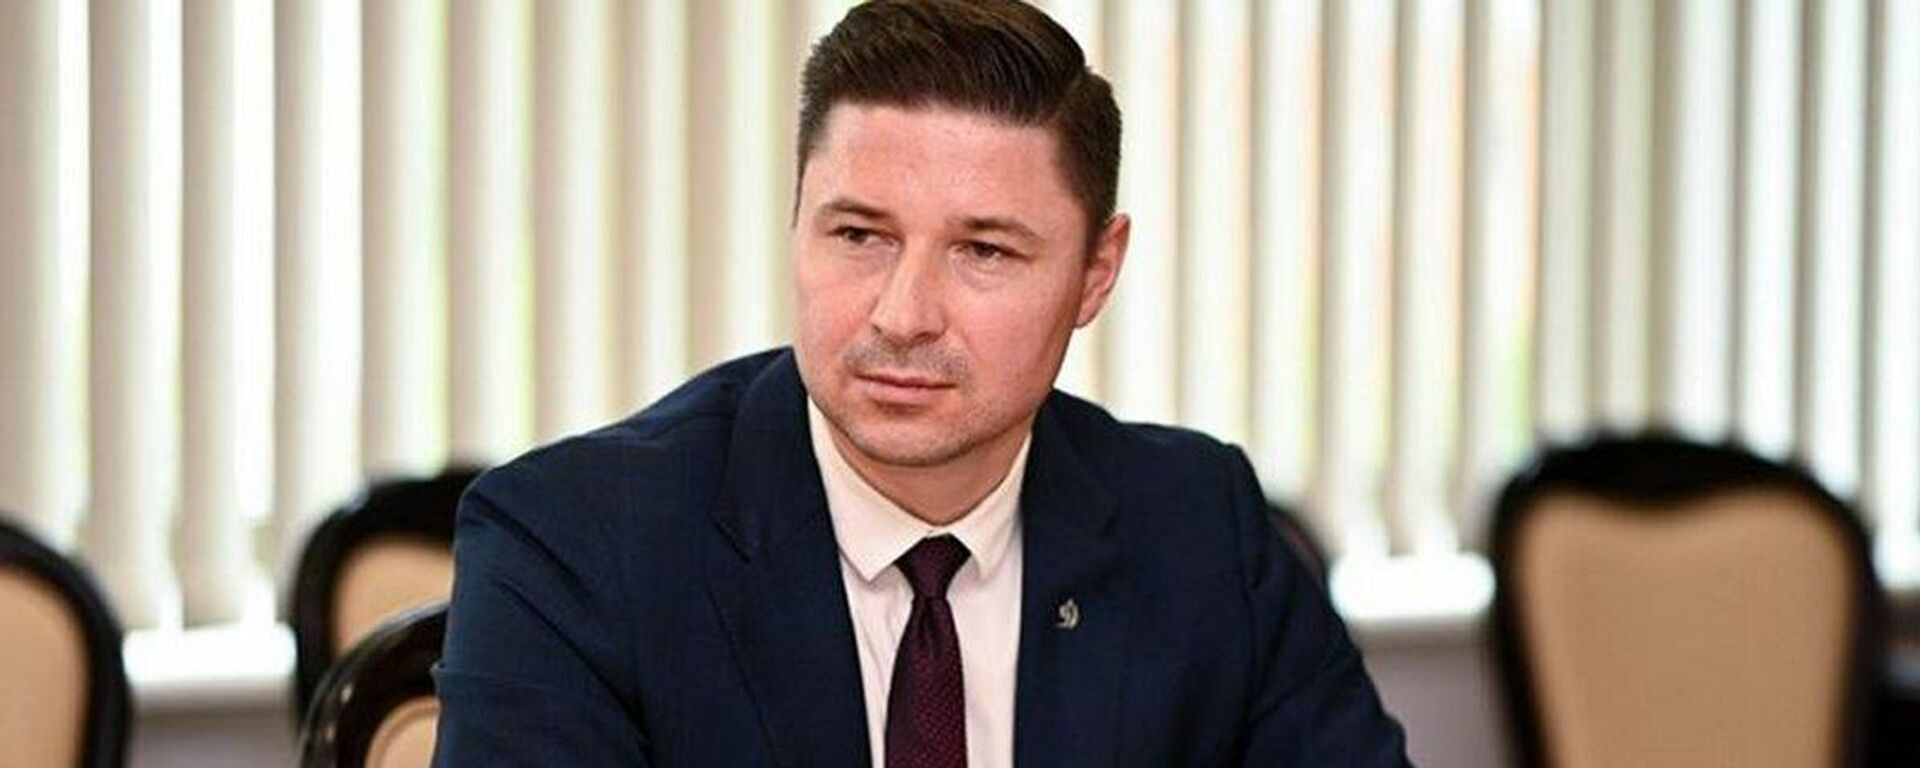 Аляксандр Багдановіч - Sputnik Беларусь, 1920, 08.10.2021